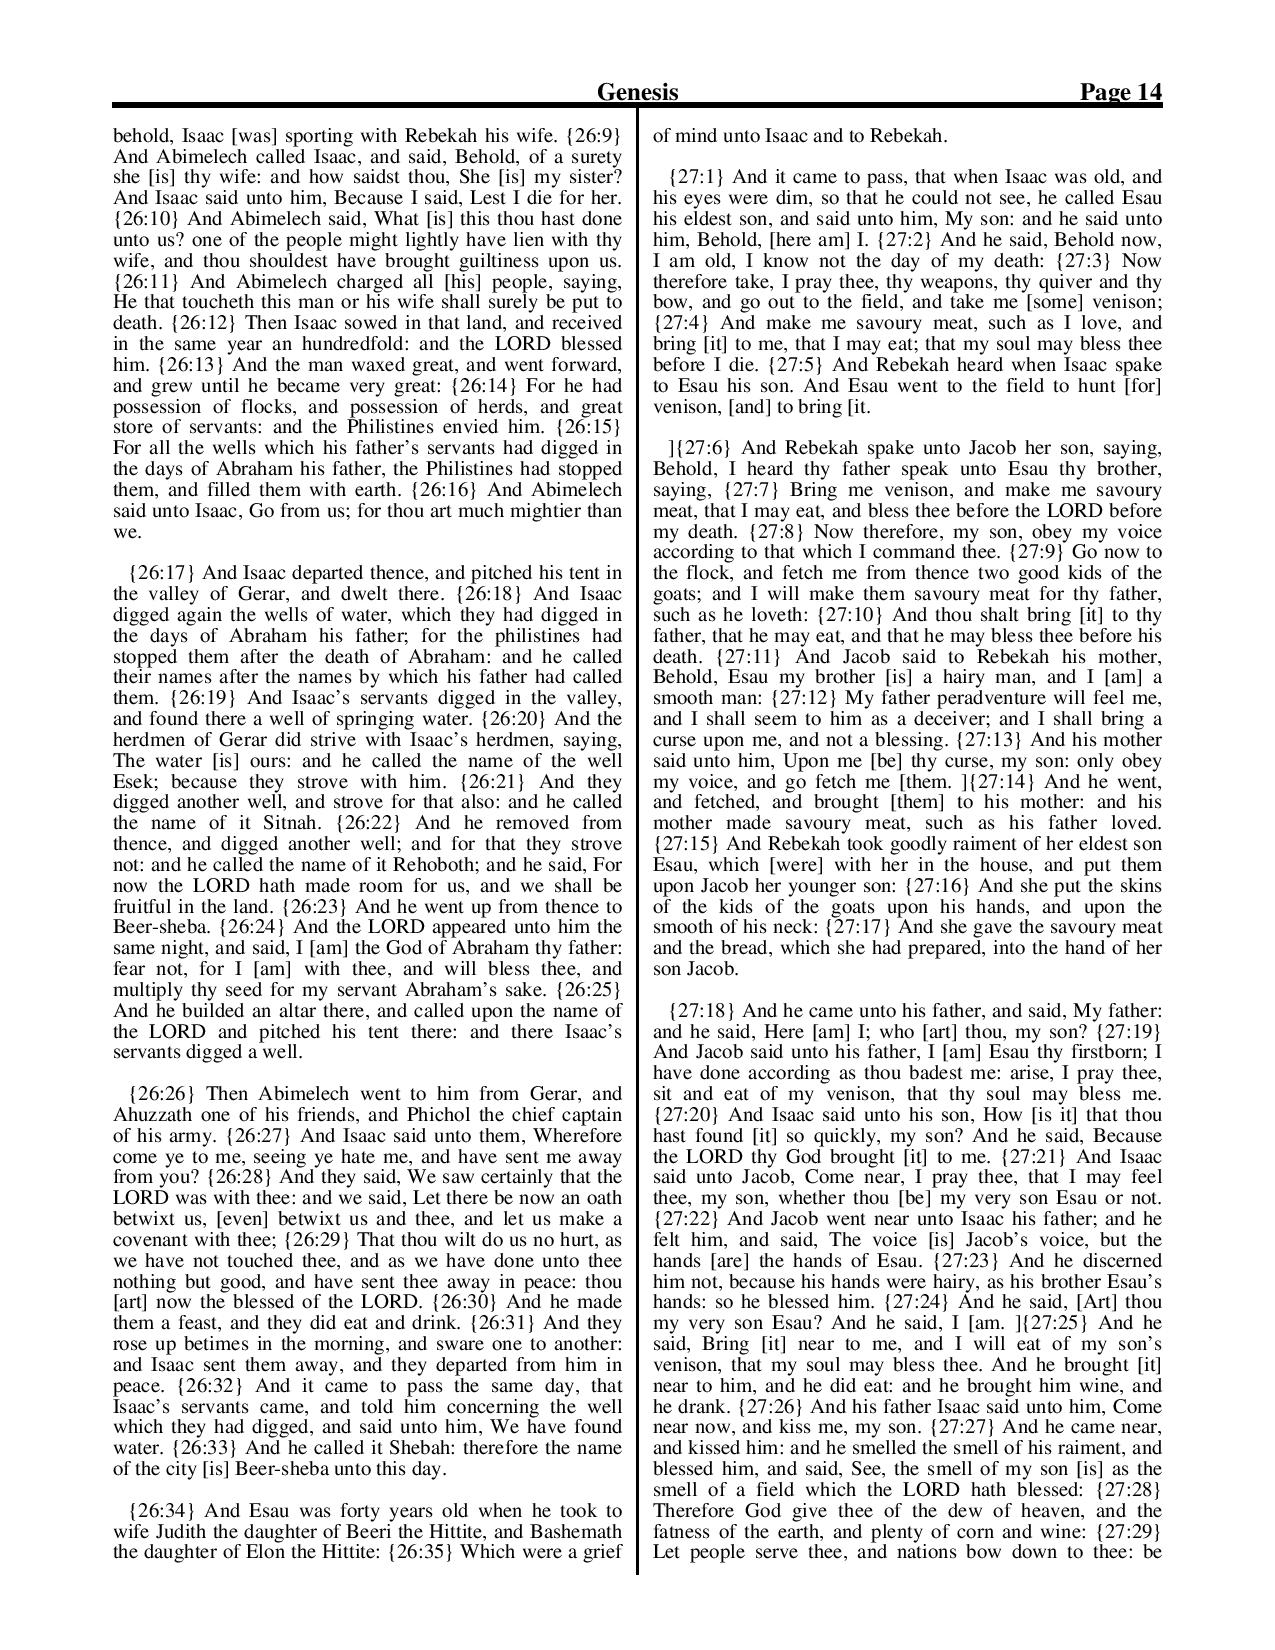 King-James-Bible-KJV-Bible-PDF-page-035